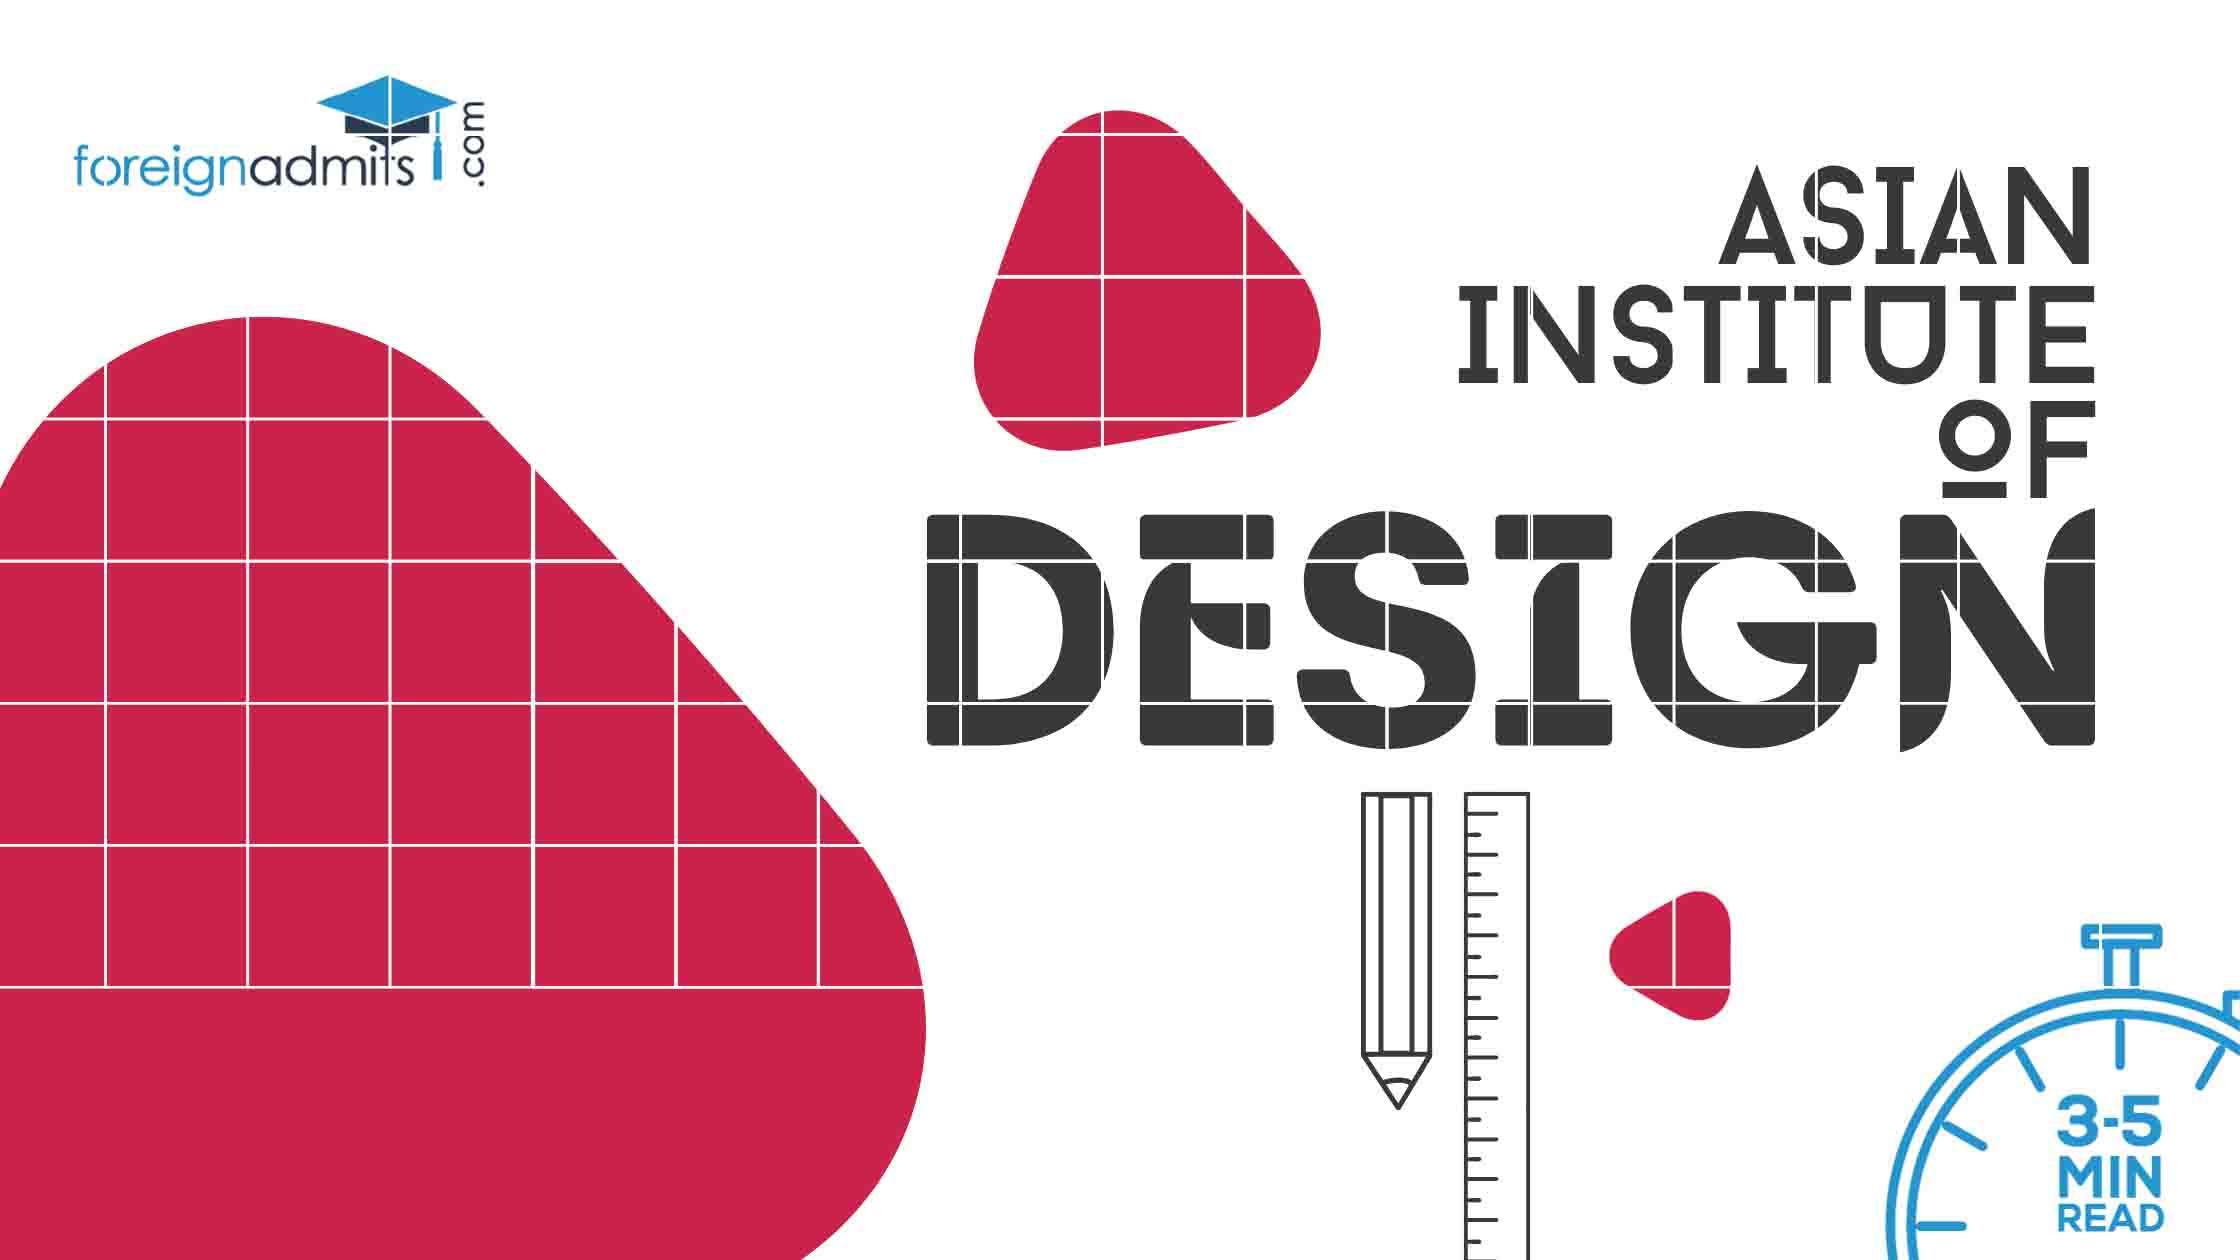 Asian Institute of Design